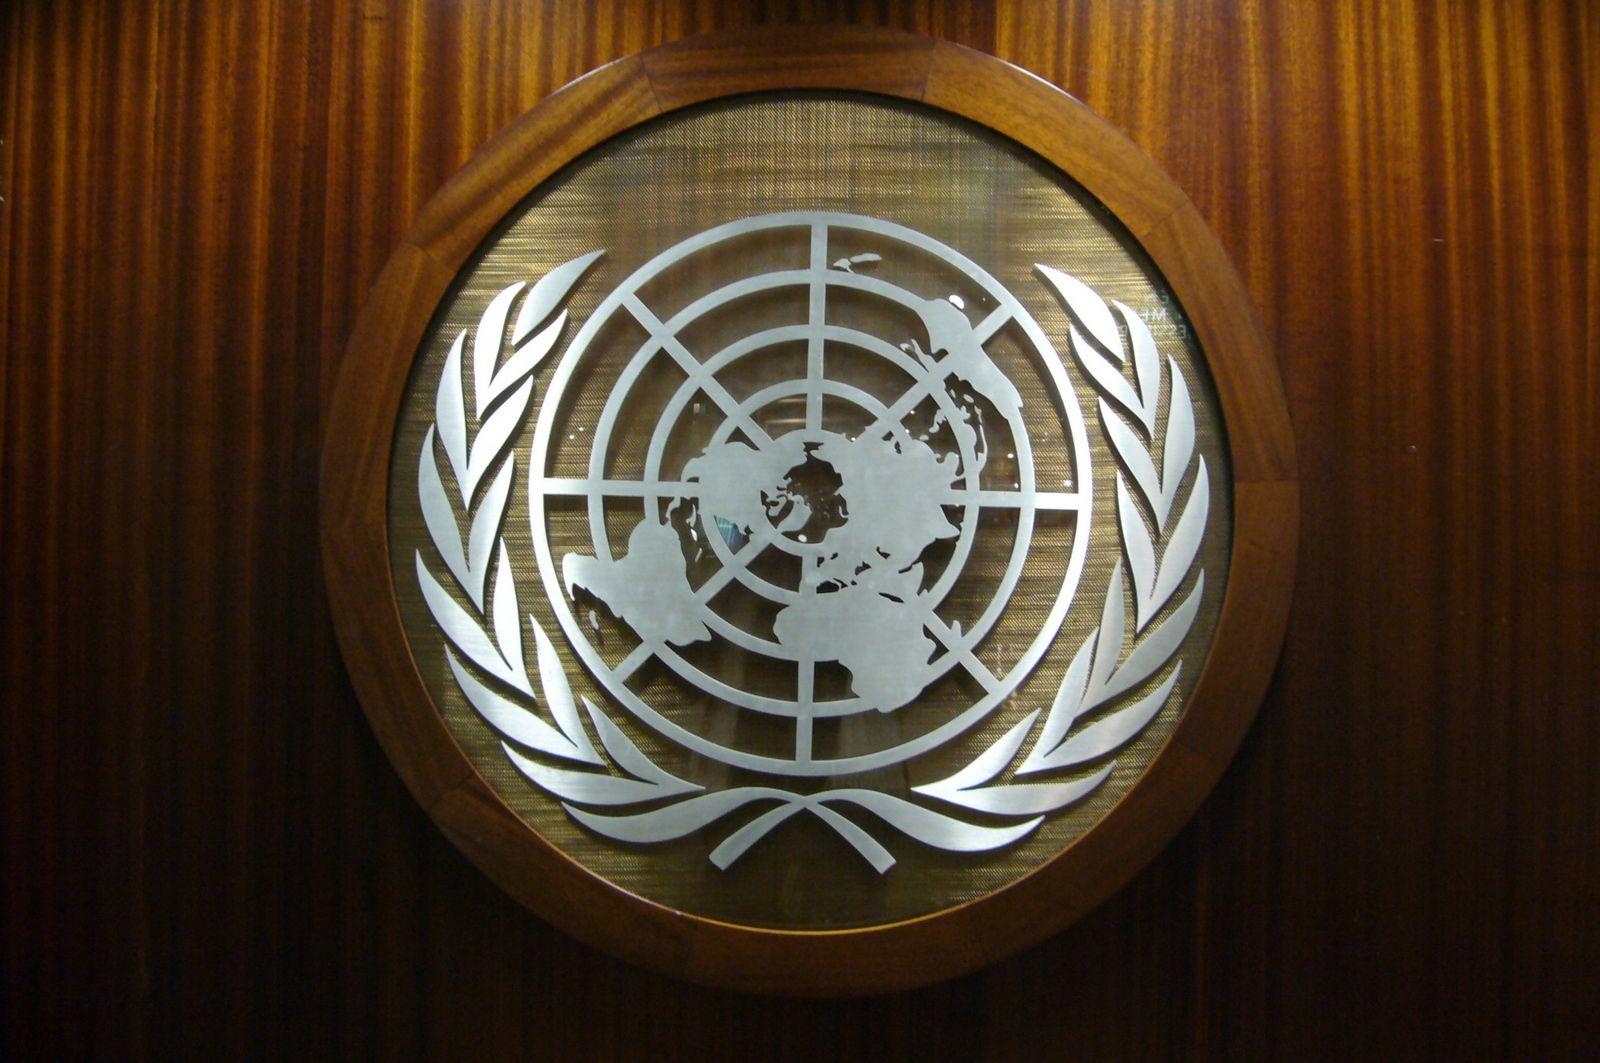 La ONU anuncia el despliegue de una misión de derechos humanos en Ucrania